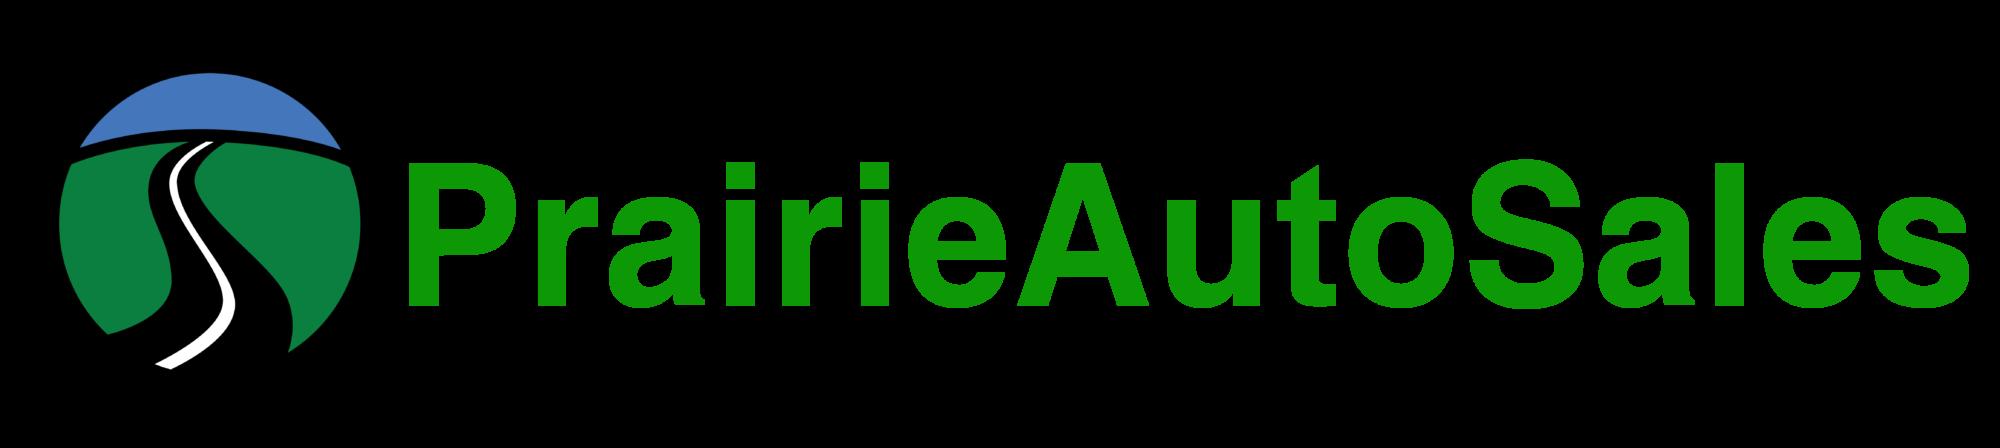 prairie-auto-sales-logo